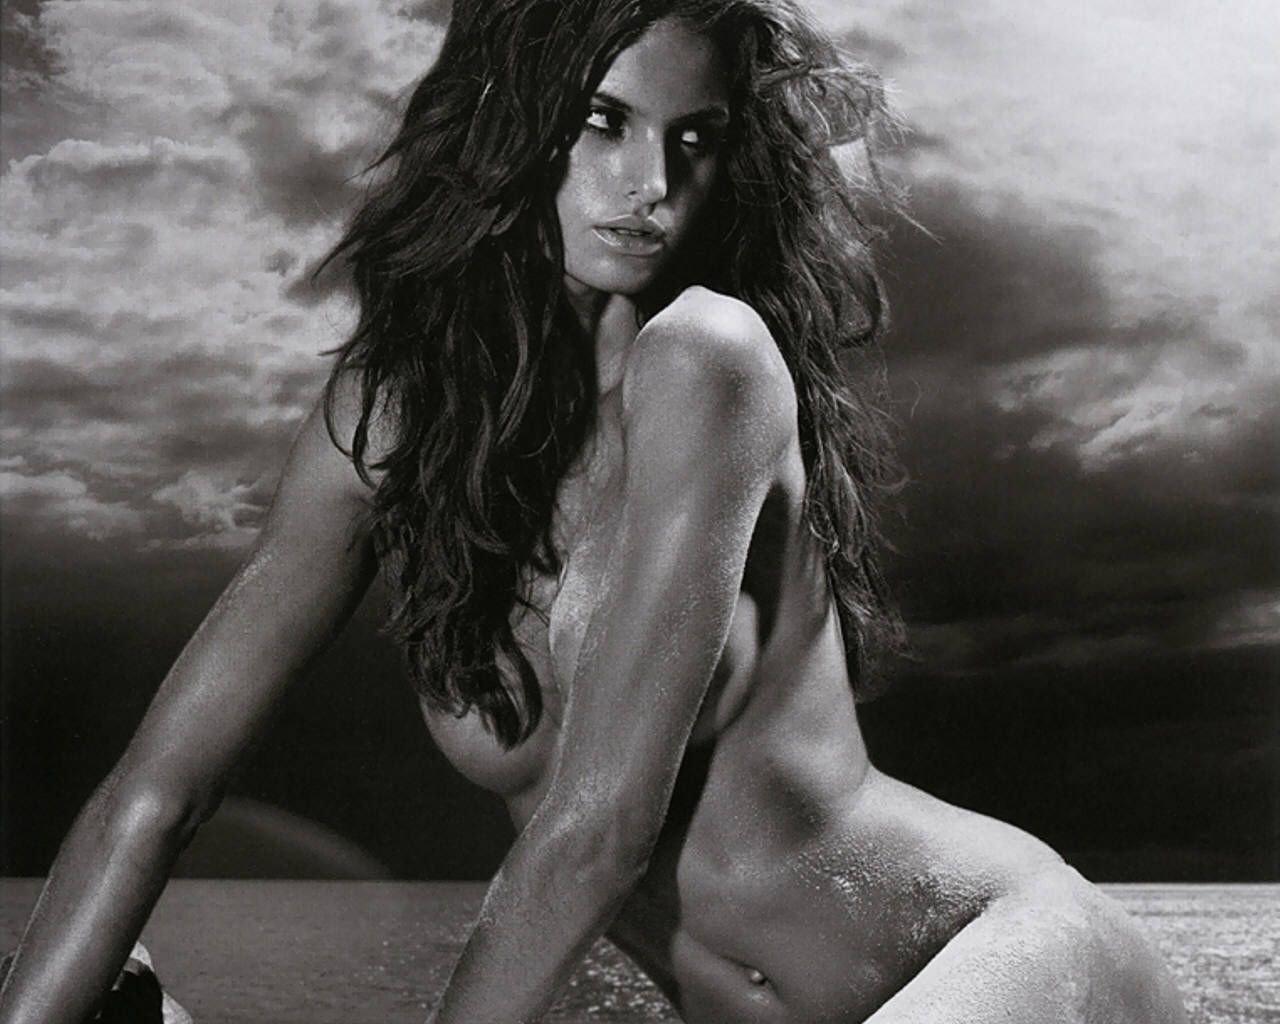 Izabel goulart nude nude celebrity photos